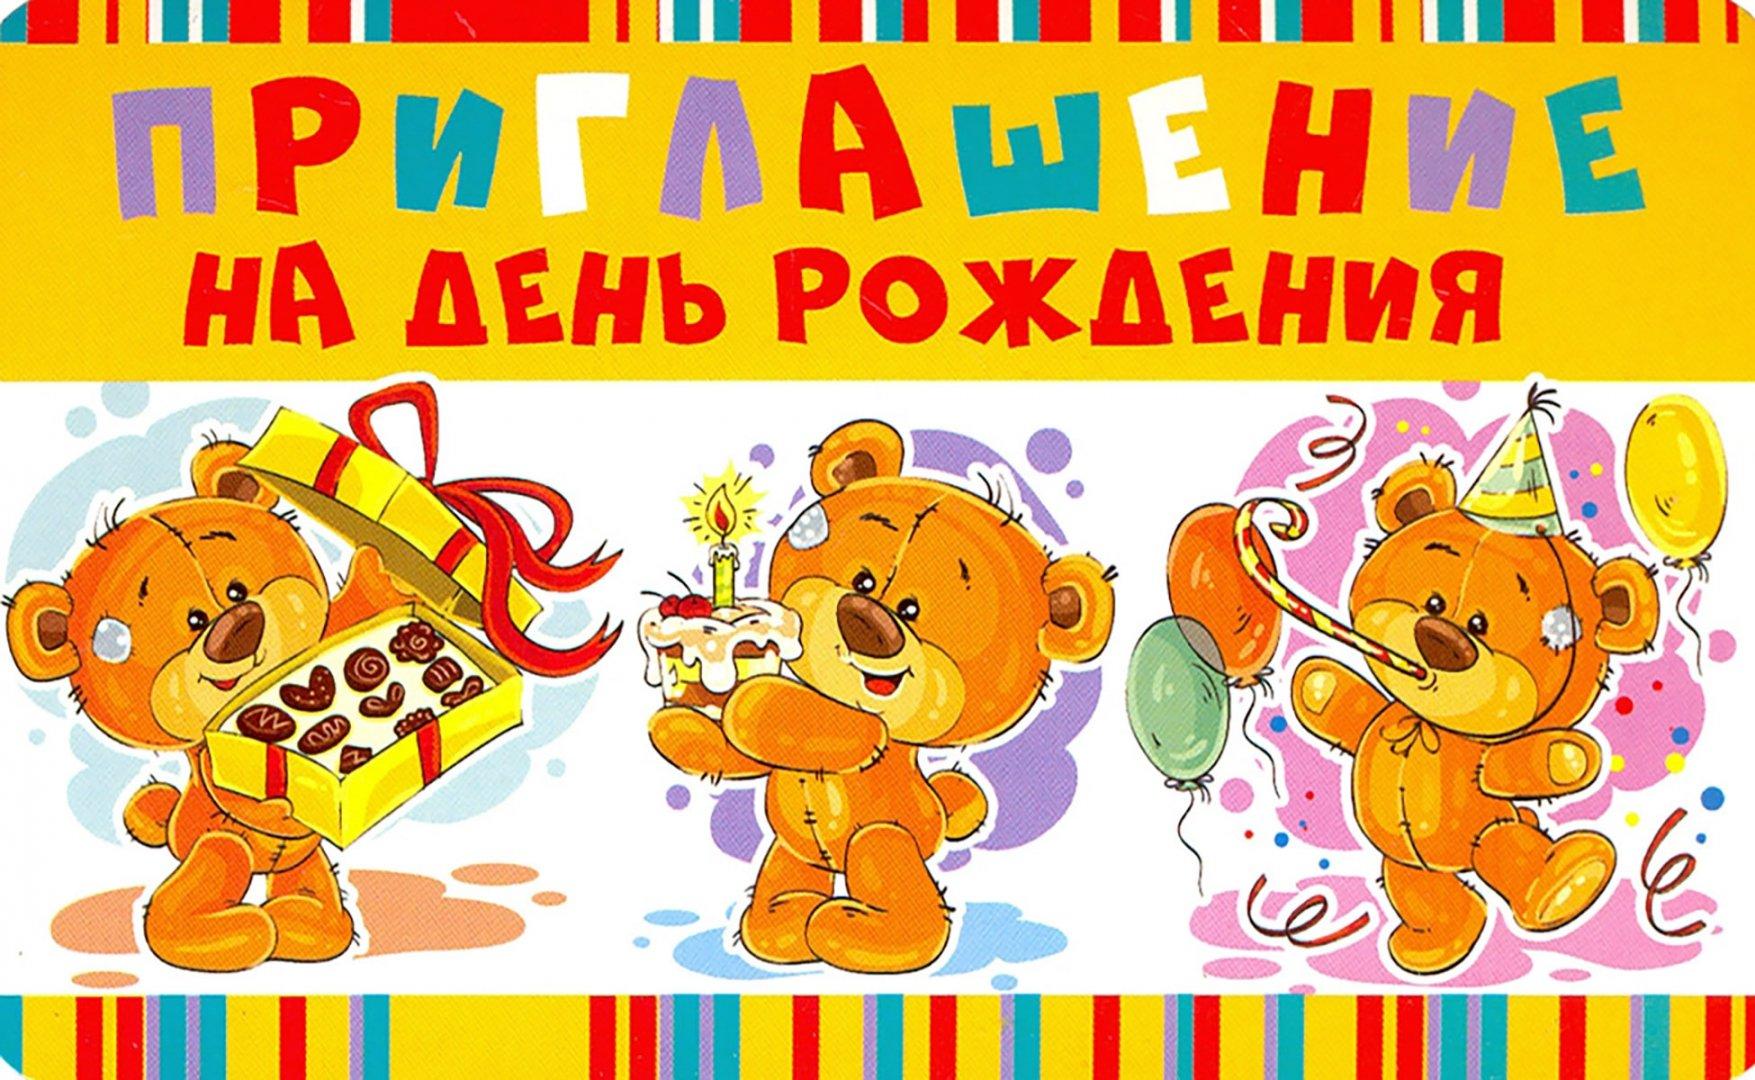 Пригласительная открытка на день рождения текст, прикольные днем